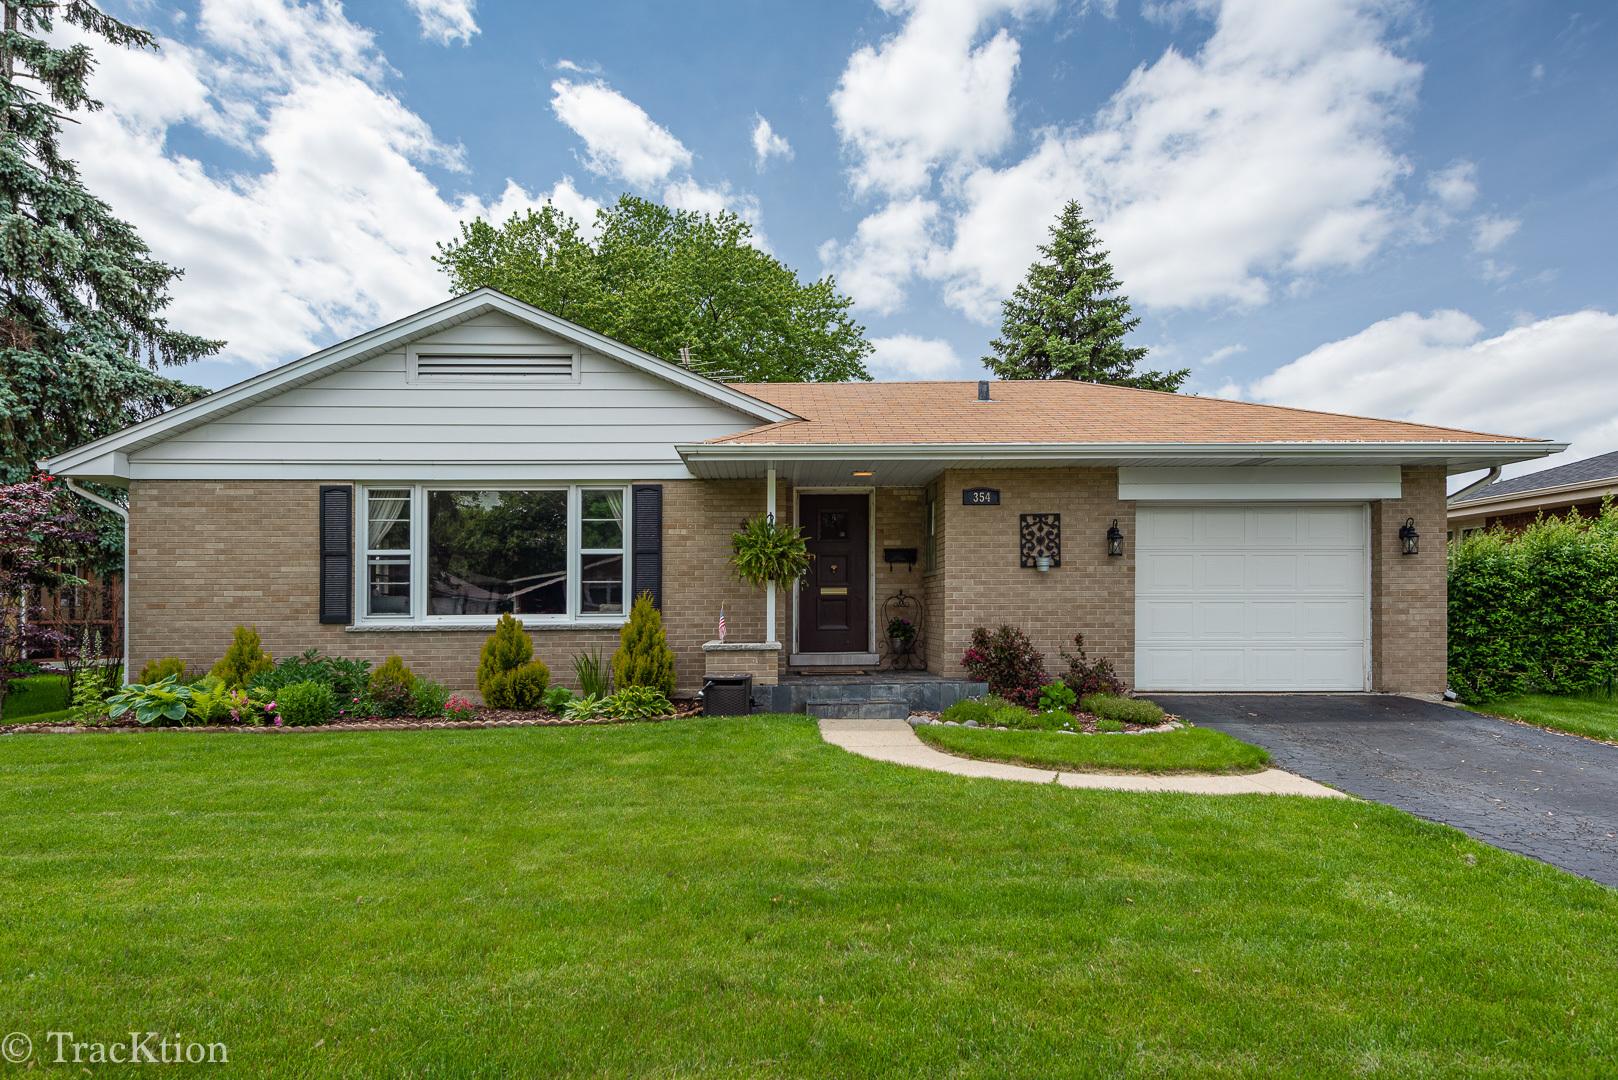 354 Stewart ,Lombard, Illinois 60148